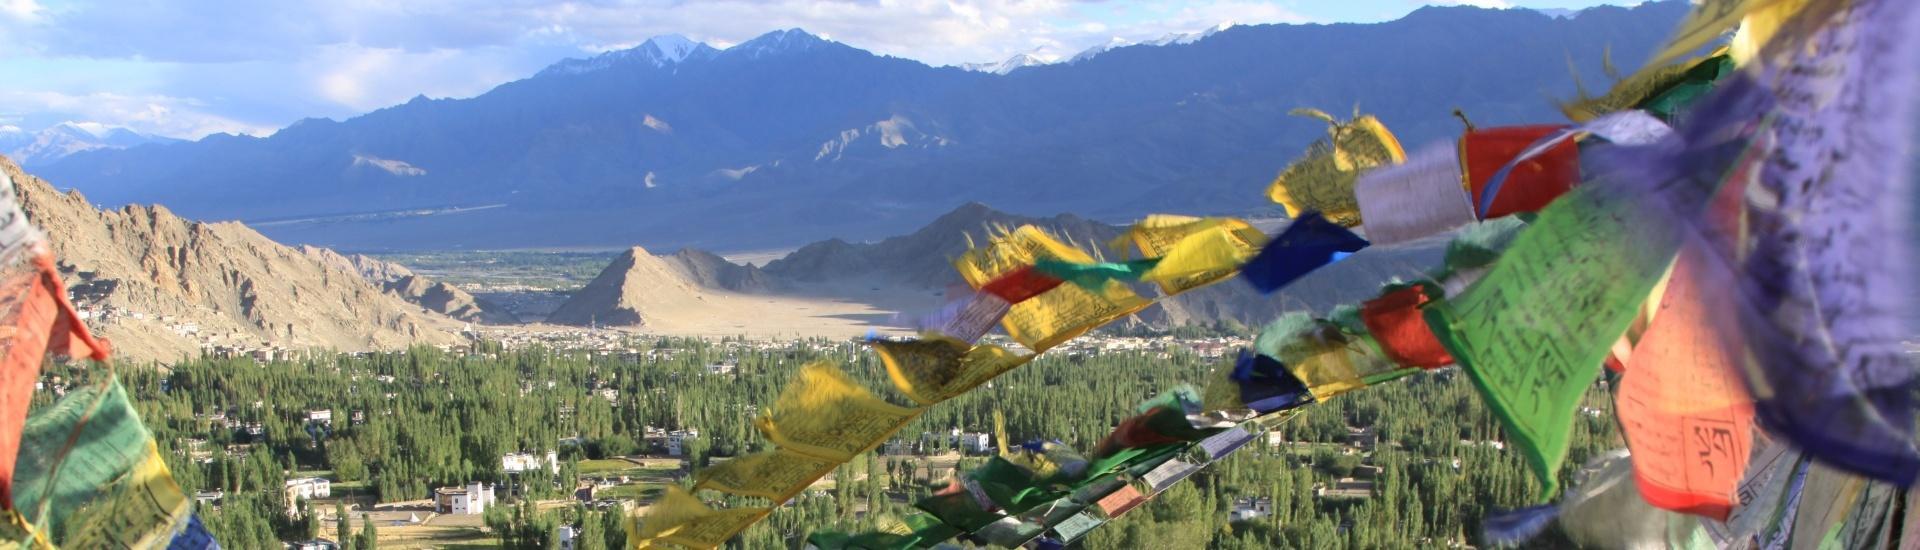 Przez Mały Tybet do Kaszmiru